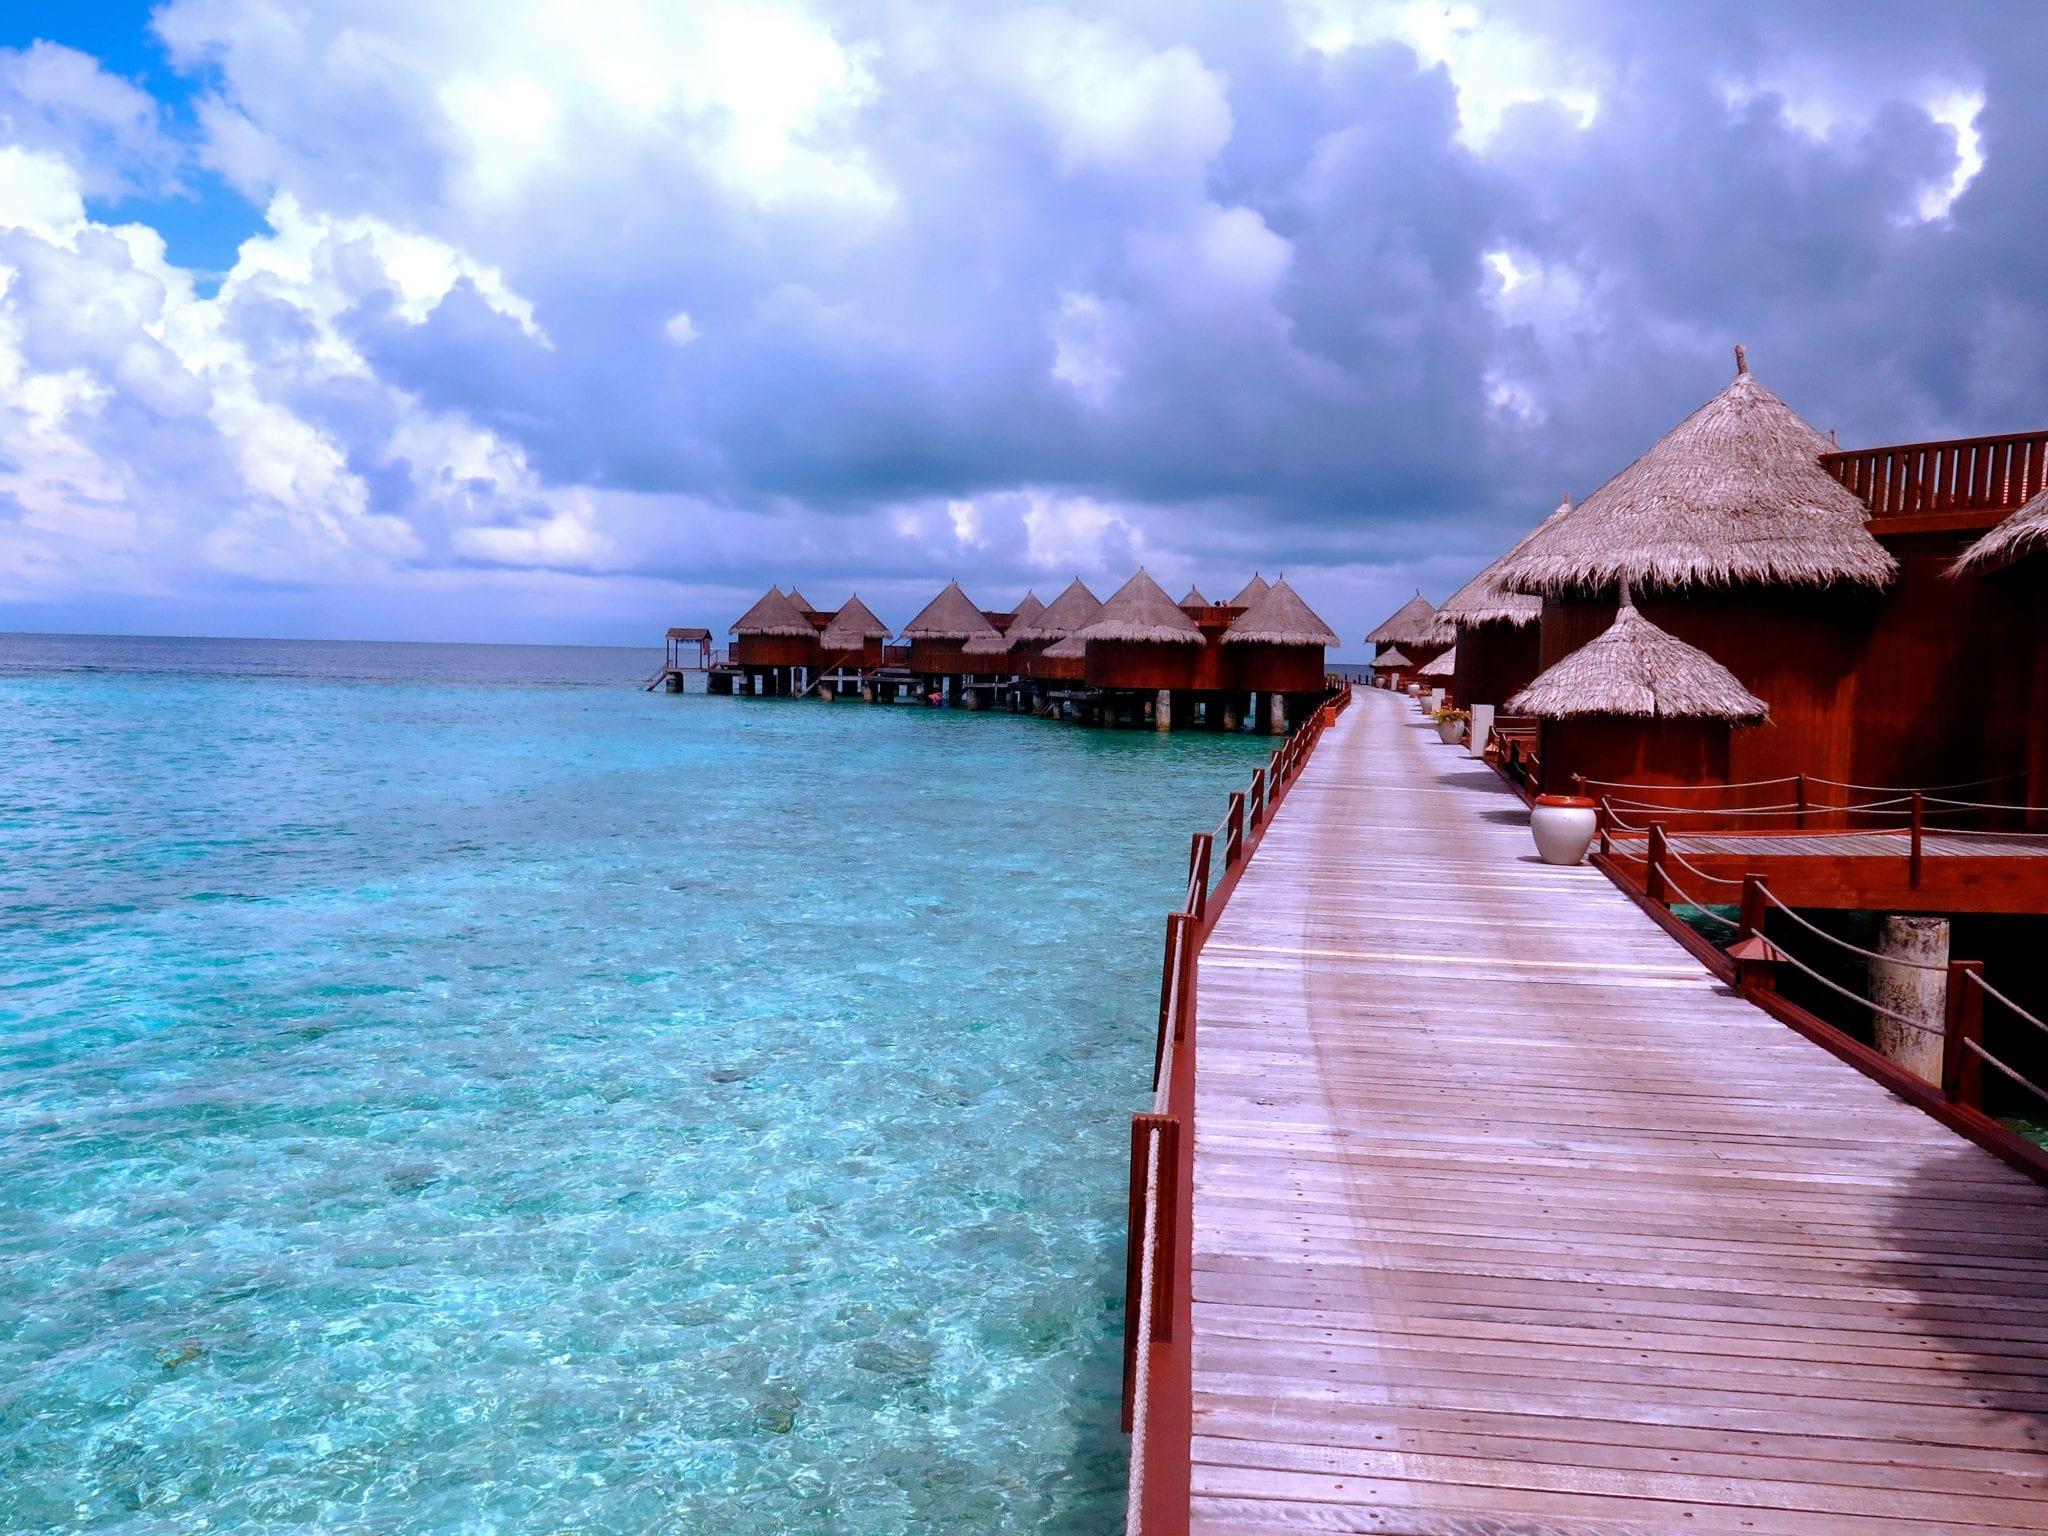 Остров Бодуфолуду (Bodufolhudhoo), Мальдивы